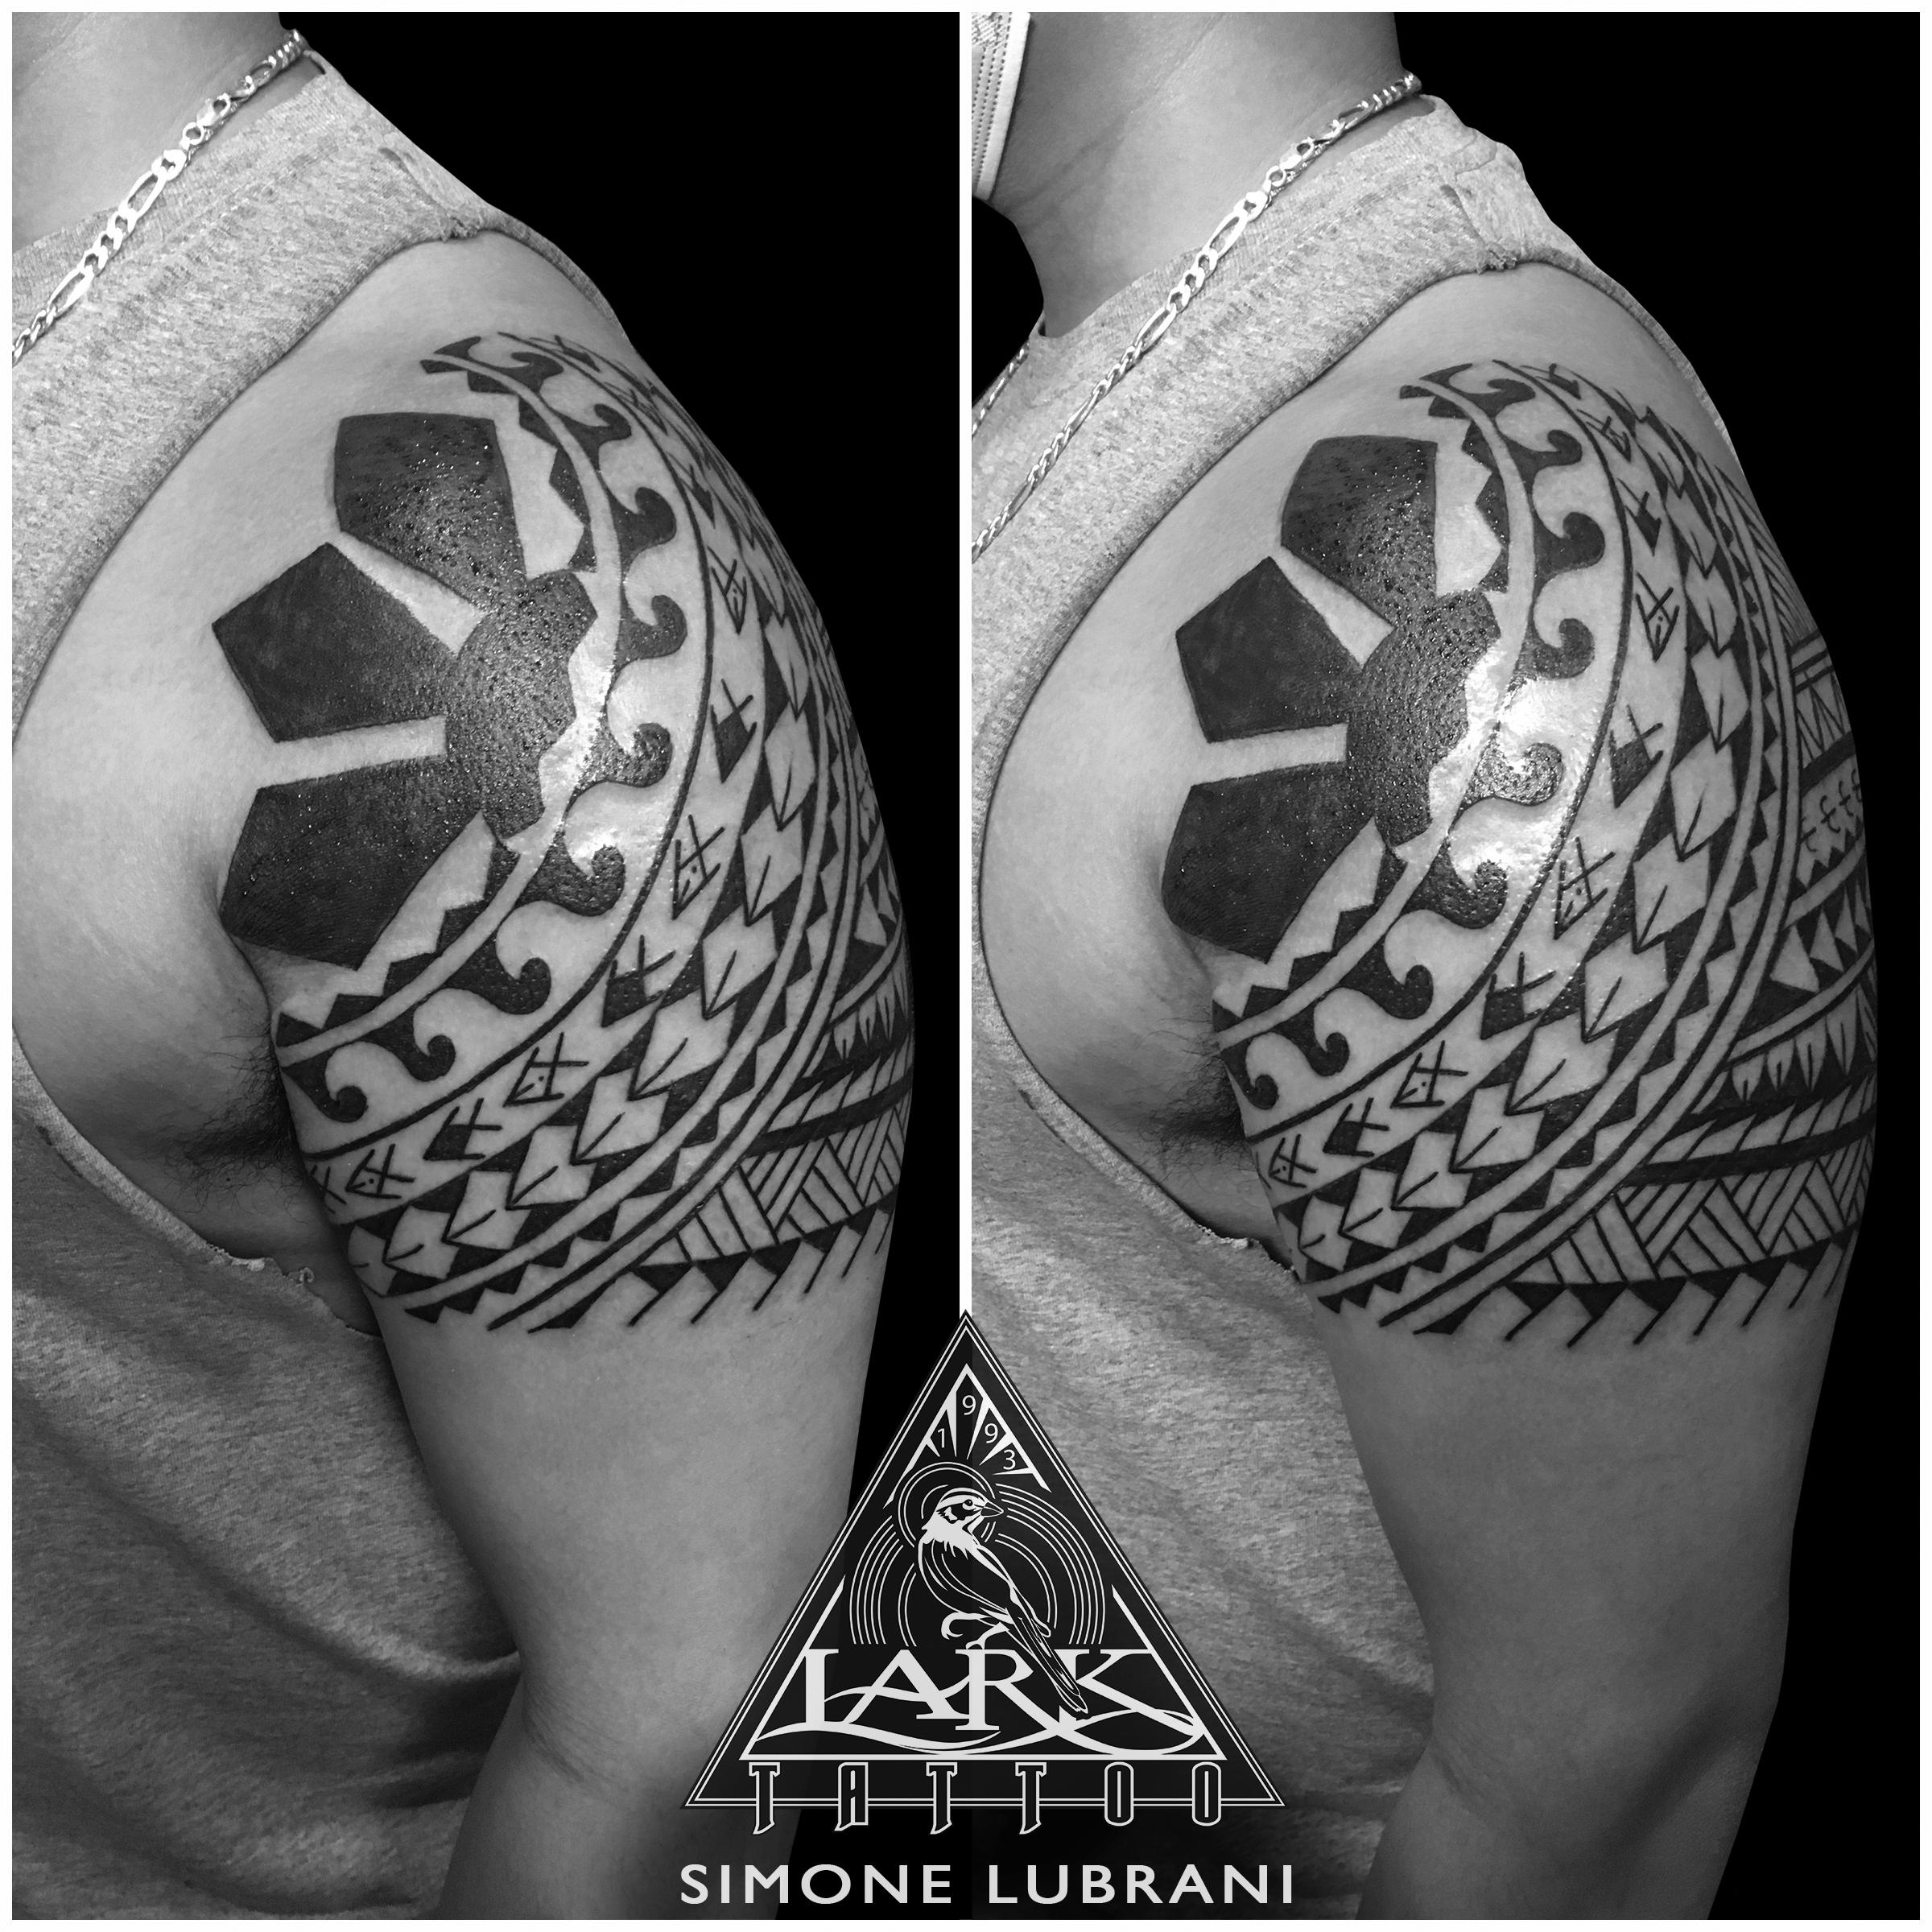 #LarkTattoo #Tattoo #SimoneLubrani #SimoneLubraniLarkTattoo #Polynesian #PolynesianStyleTattoo #PolynesianTattoo #PolynesianTattoos #PolynesianDesigns #Tribal #TribalTattoo #TribalMaori #TribalMaoriTattoo #Maori #MaoriStyleTattoo #MaoriTattoo #MaoriStyle #BlackInk #BlackInkTattoo #Tattoos #TattooArtist #Tattoist #Tattooer #LongIslandTattooArtist #LongIslandTattooer #LongIslandTattoo #TattooOfTheDay #LarkTattooWestbury #NassauTattooShop